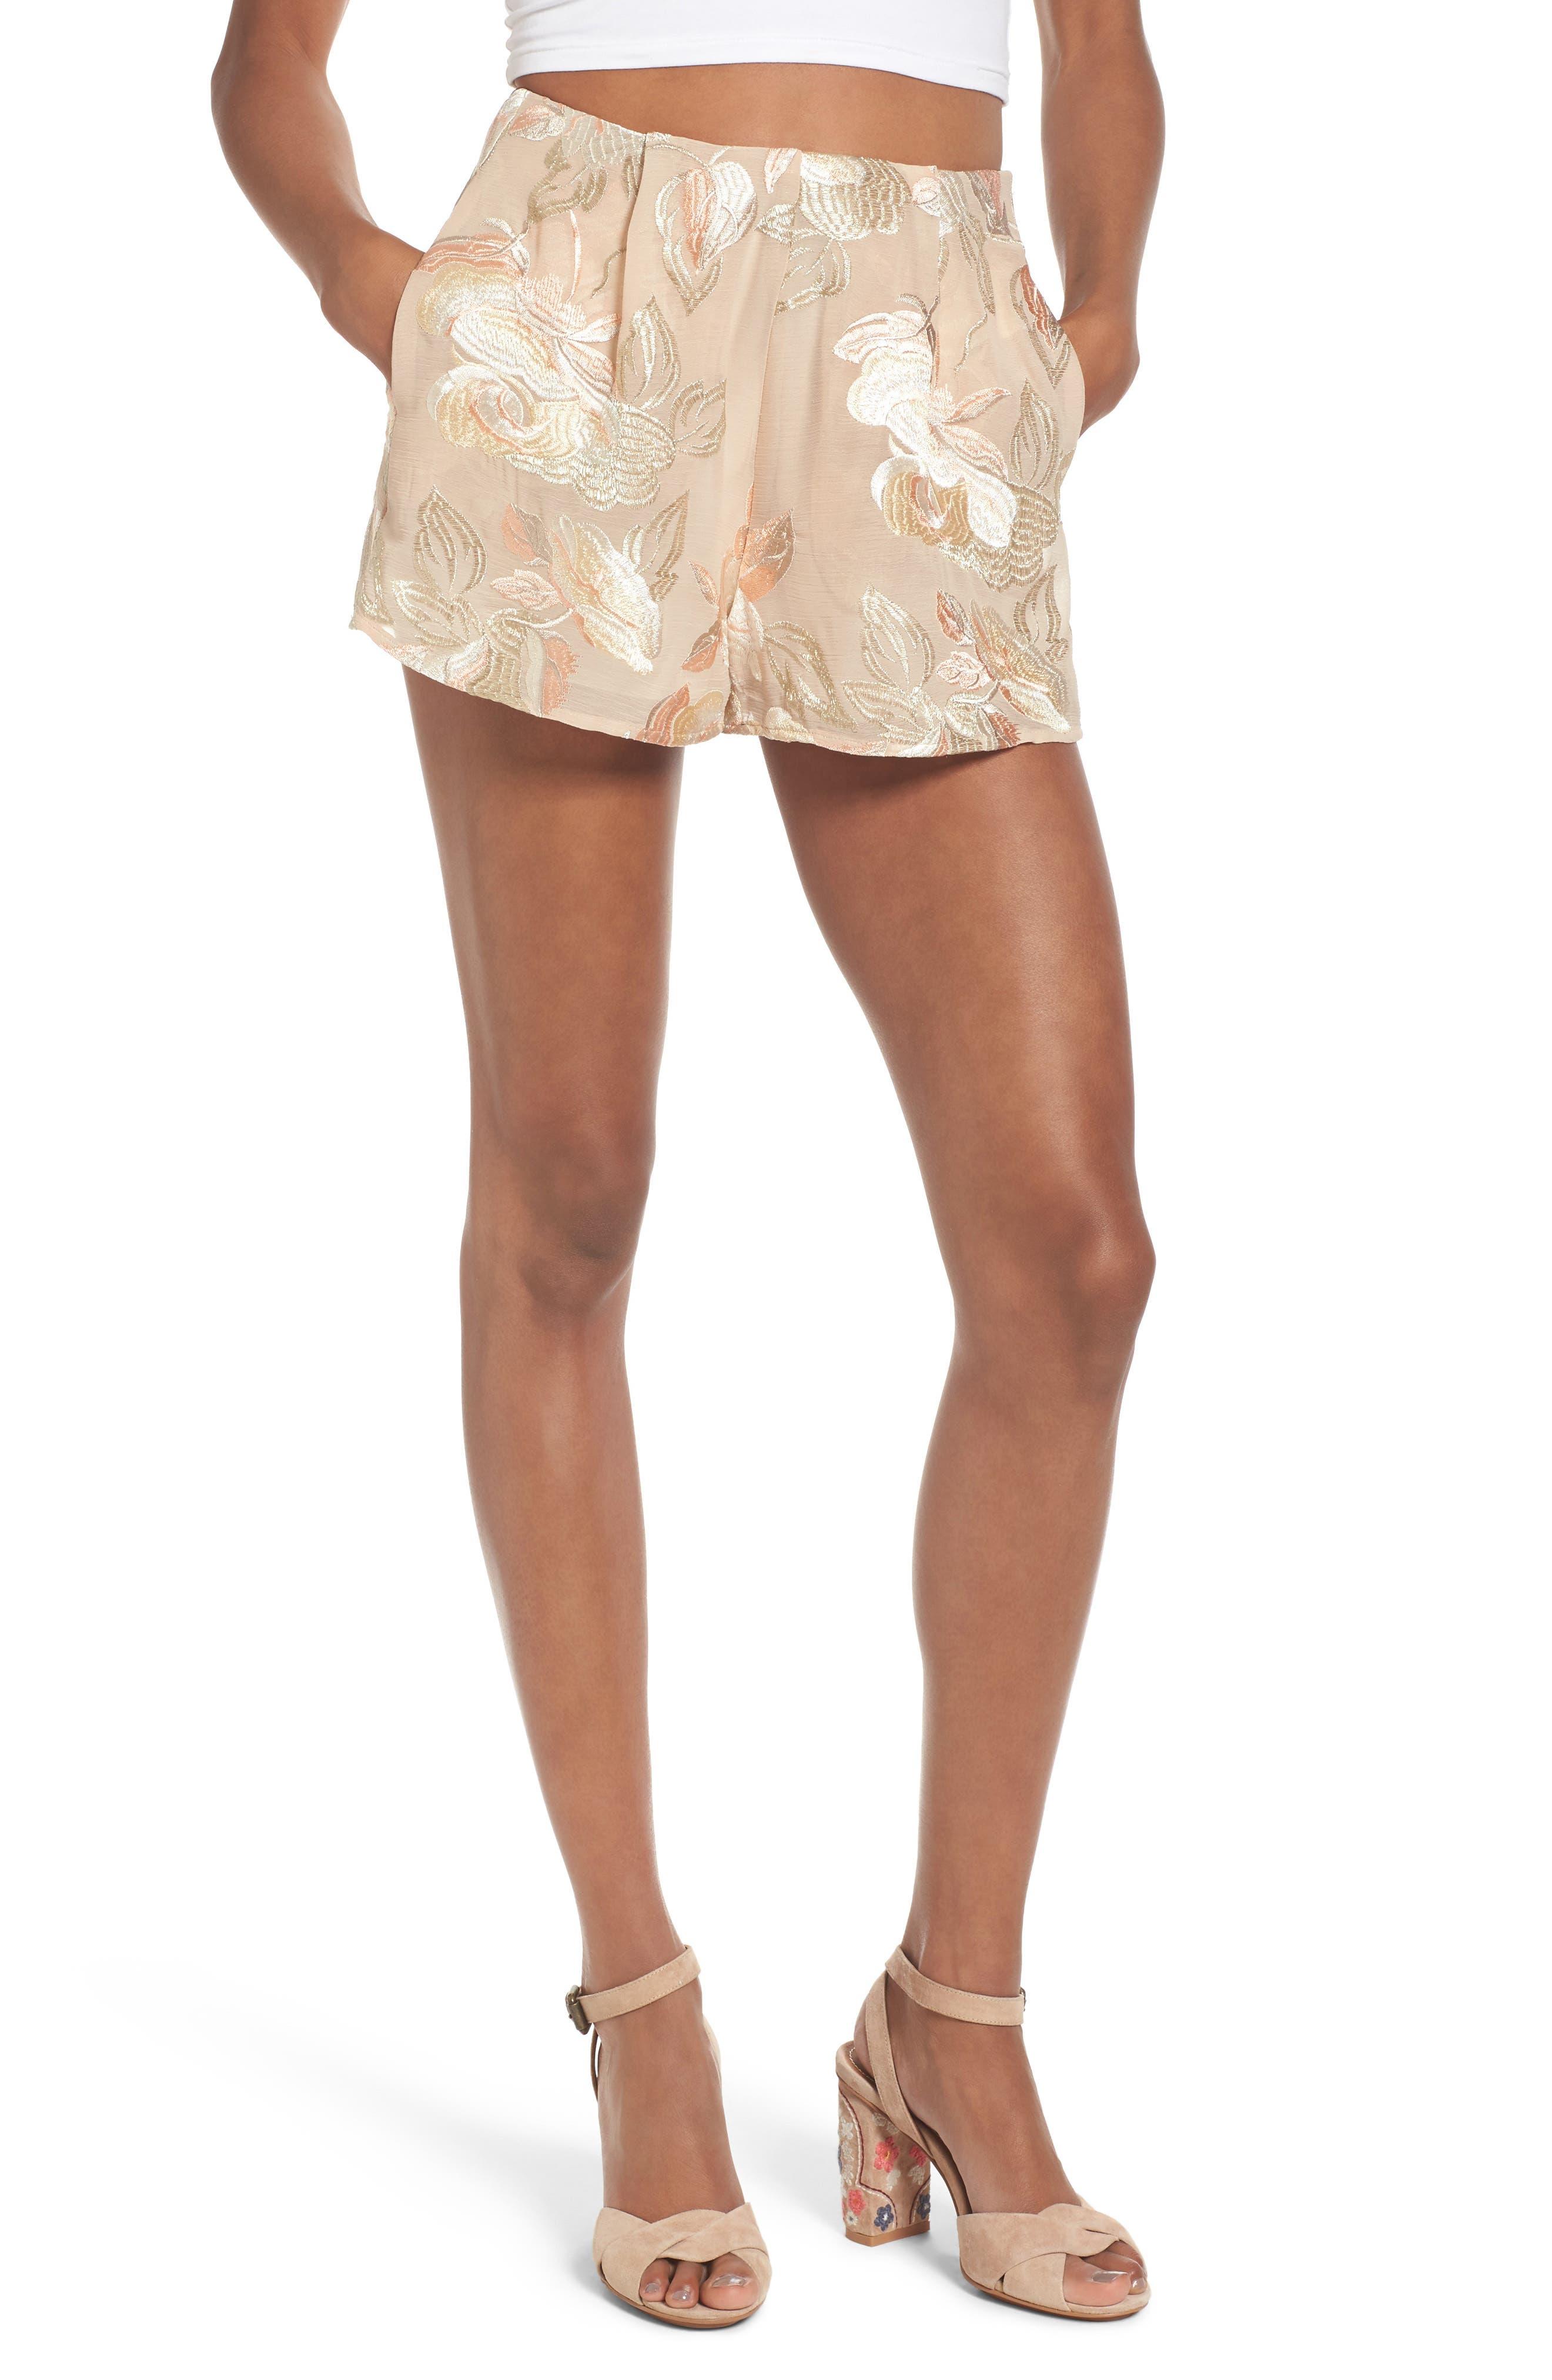 Sawyer High Waist Shorts,                         Main,                         color, Very Fairy Floral